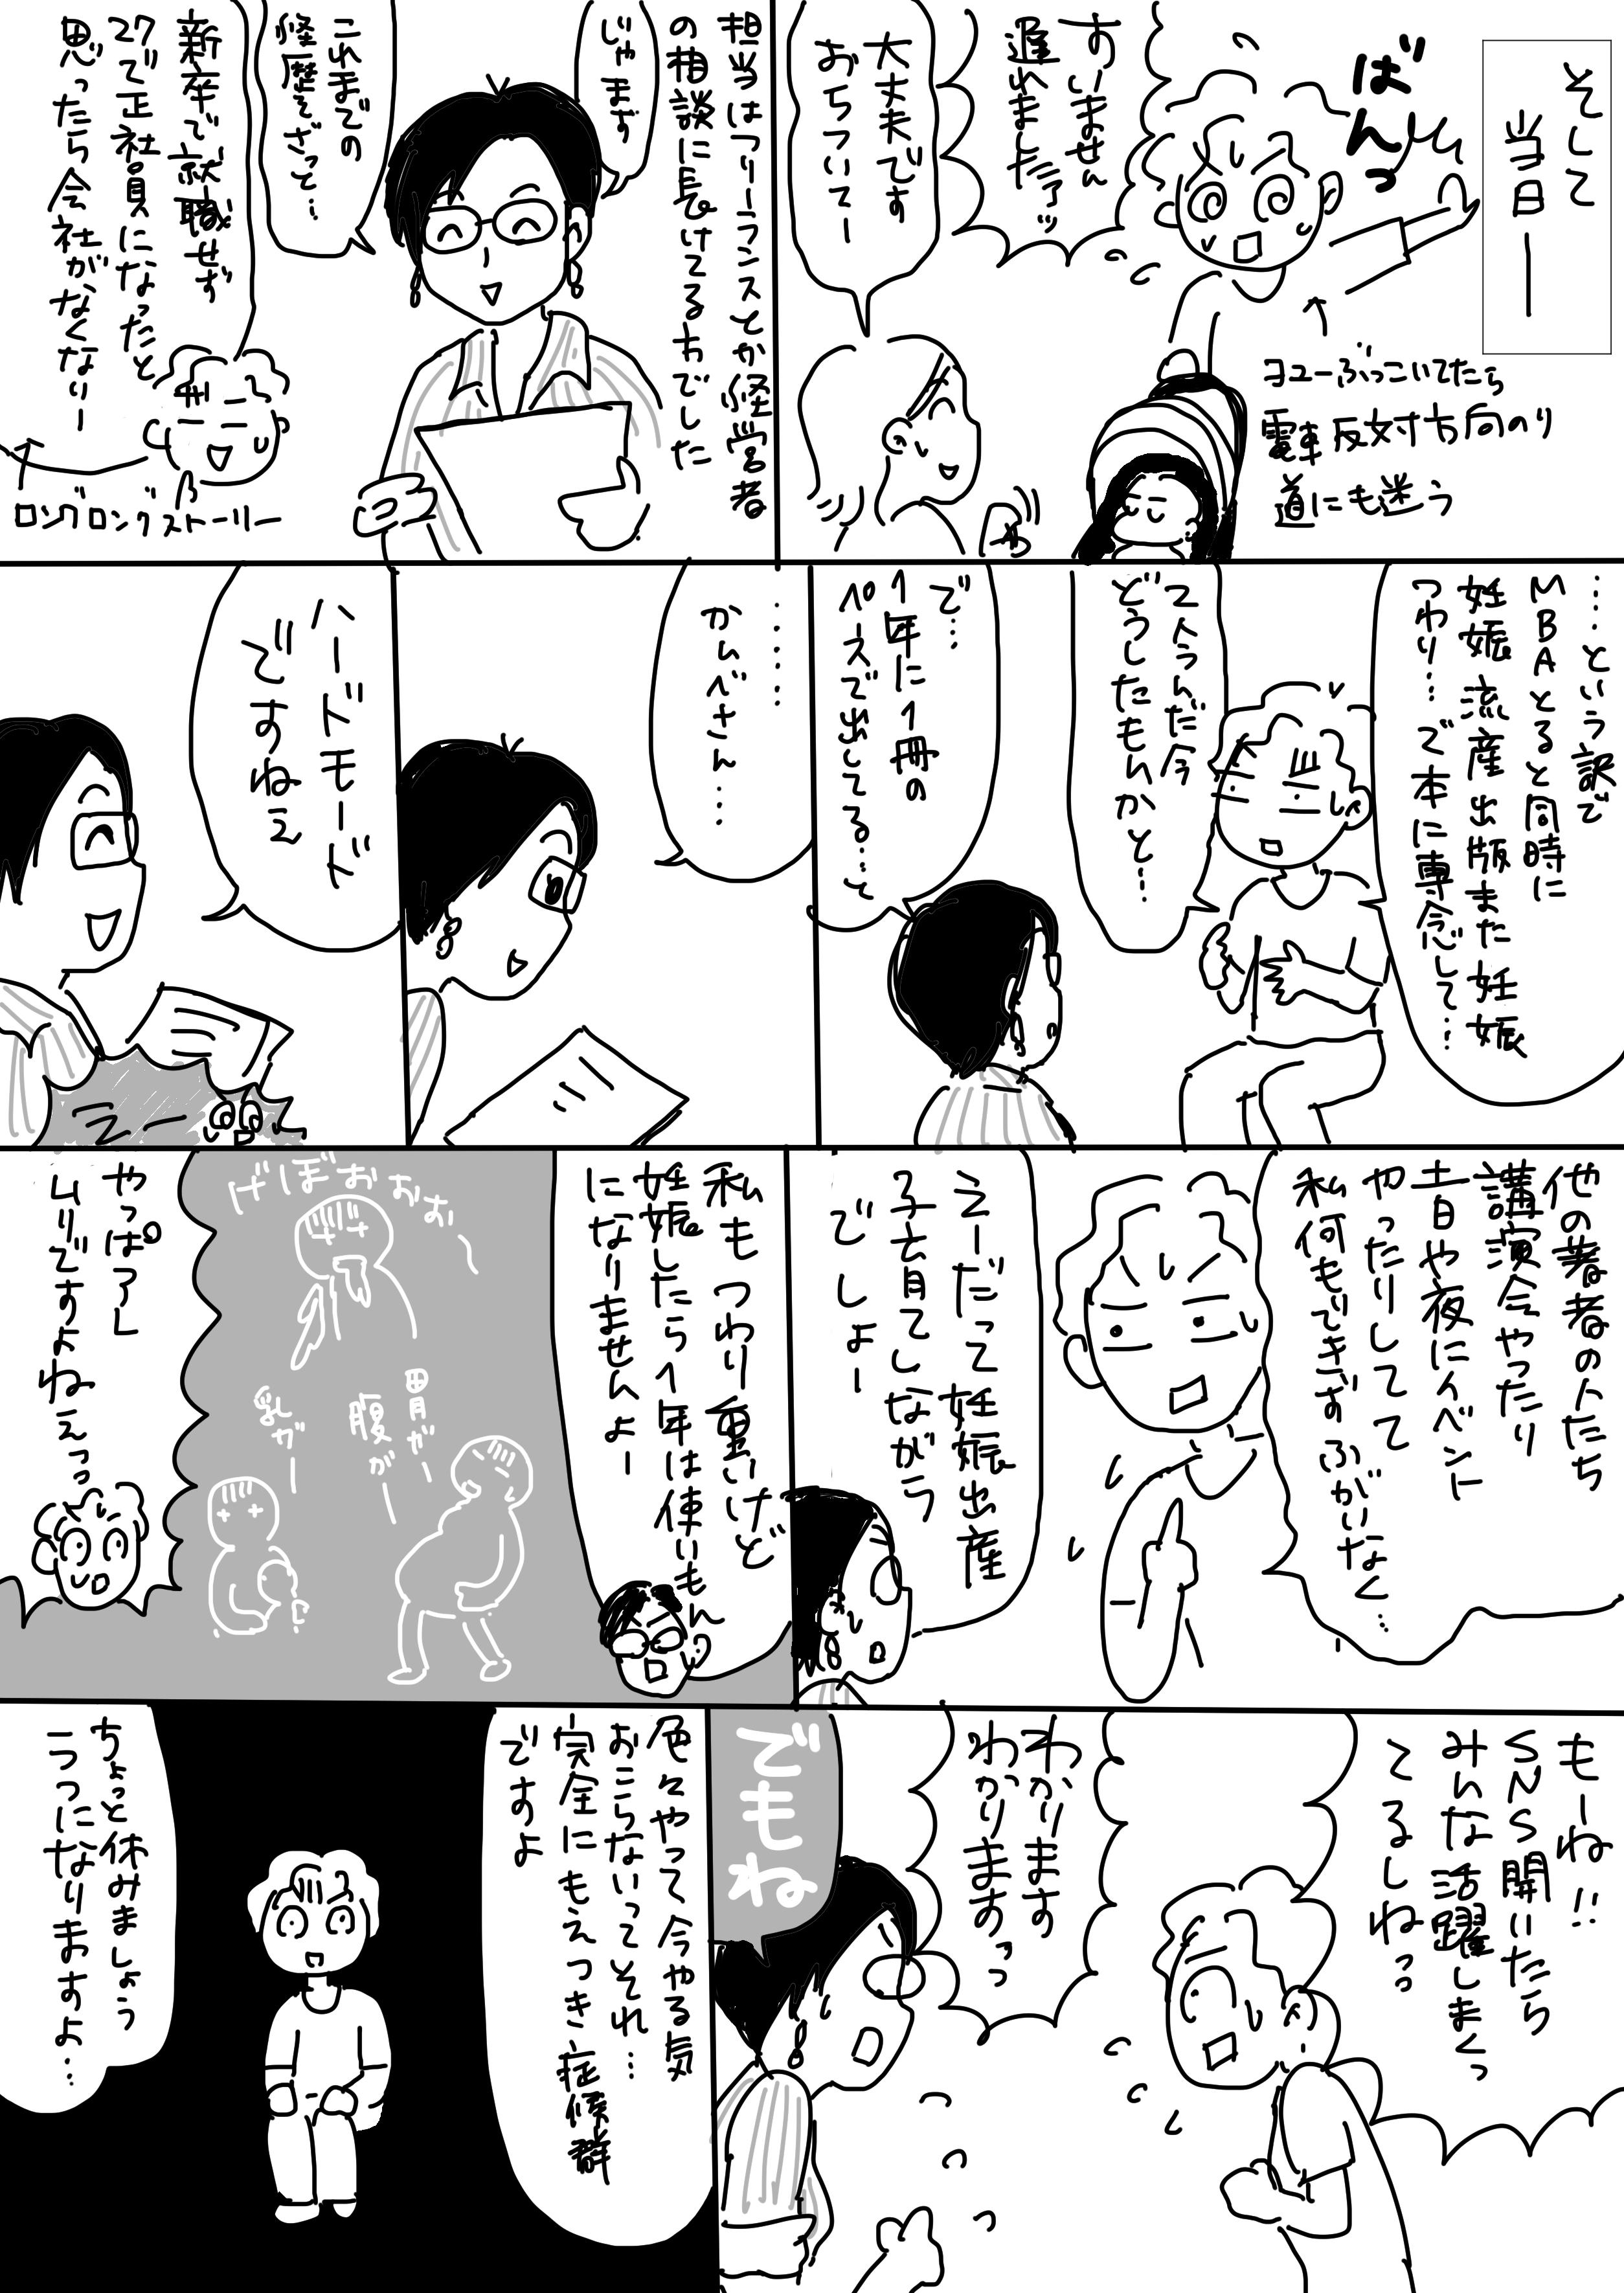 コミック9_出力_002